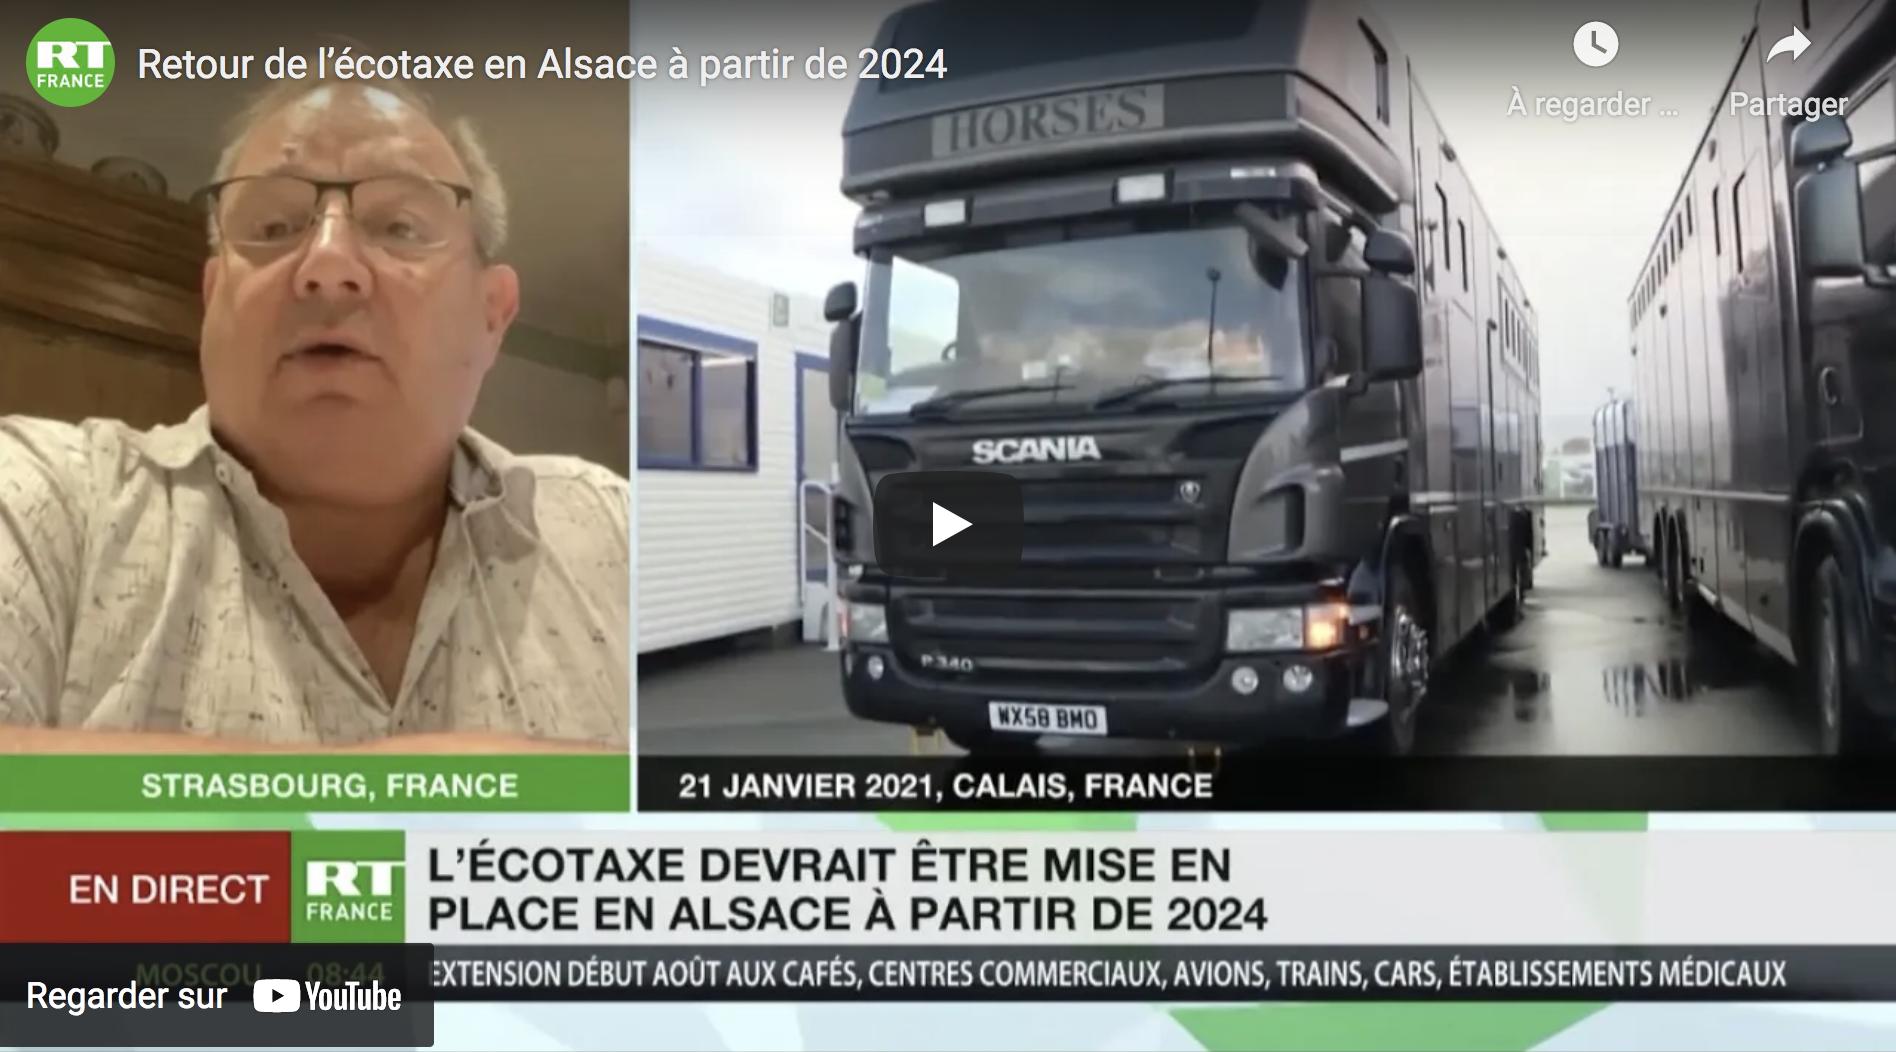 Retour de l'écotaxe en Alsace… à partir de 2024 !